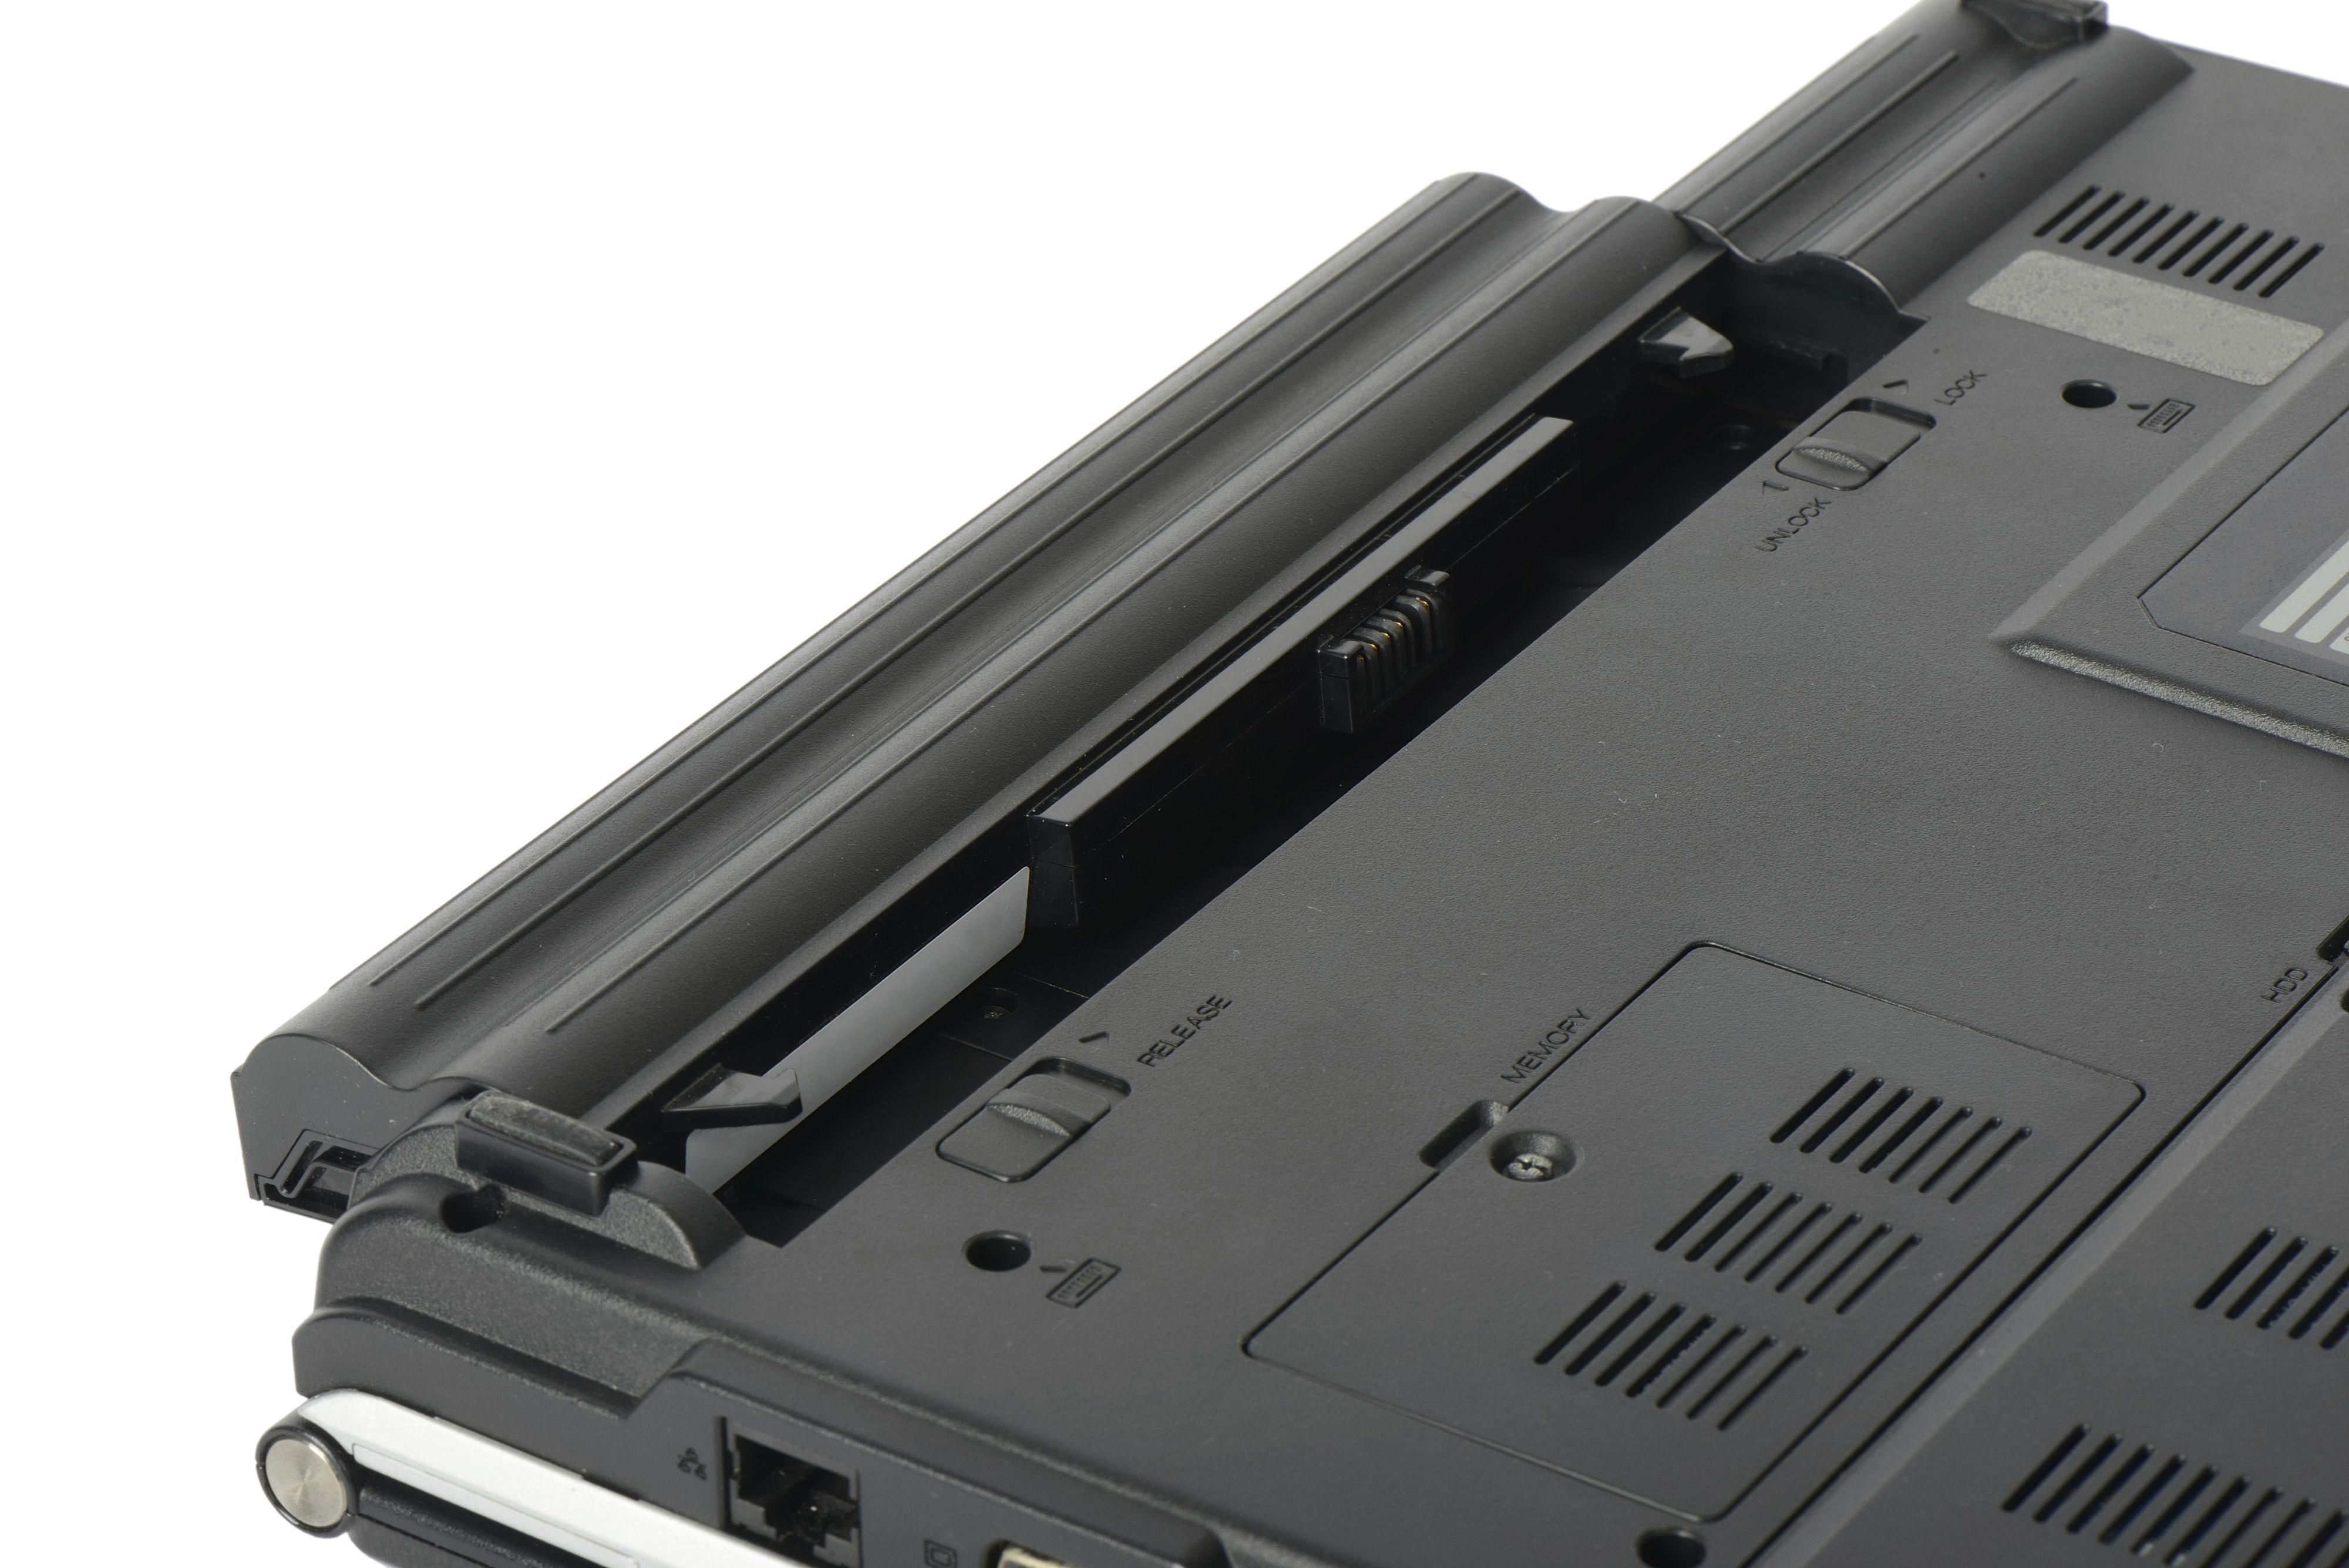 Har du en bærbar PC der batteriet er plassert slik at det er varmt mens maskinen er i bruk? Det kan være fornuftig å ta det ut og legge det i kjøleskapet. Men pass på at det er rundt 40 prosent oppladet først. Foto: JIPEN / Shutterstock.com